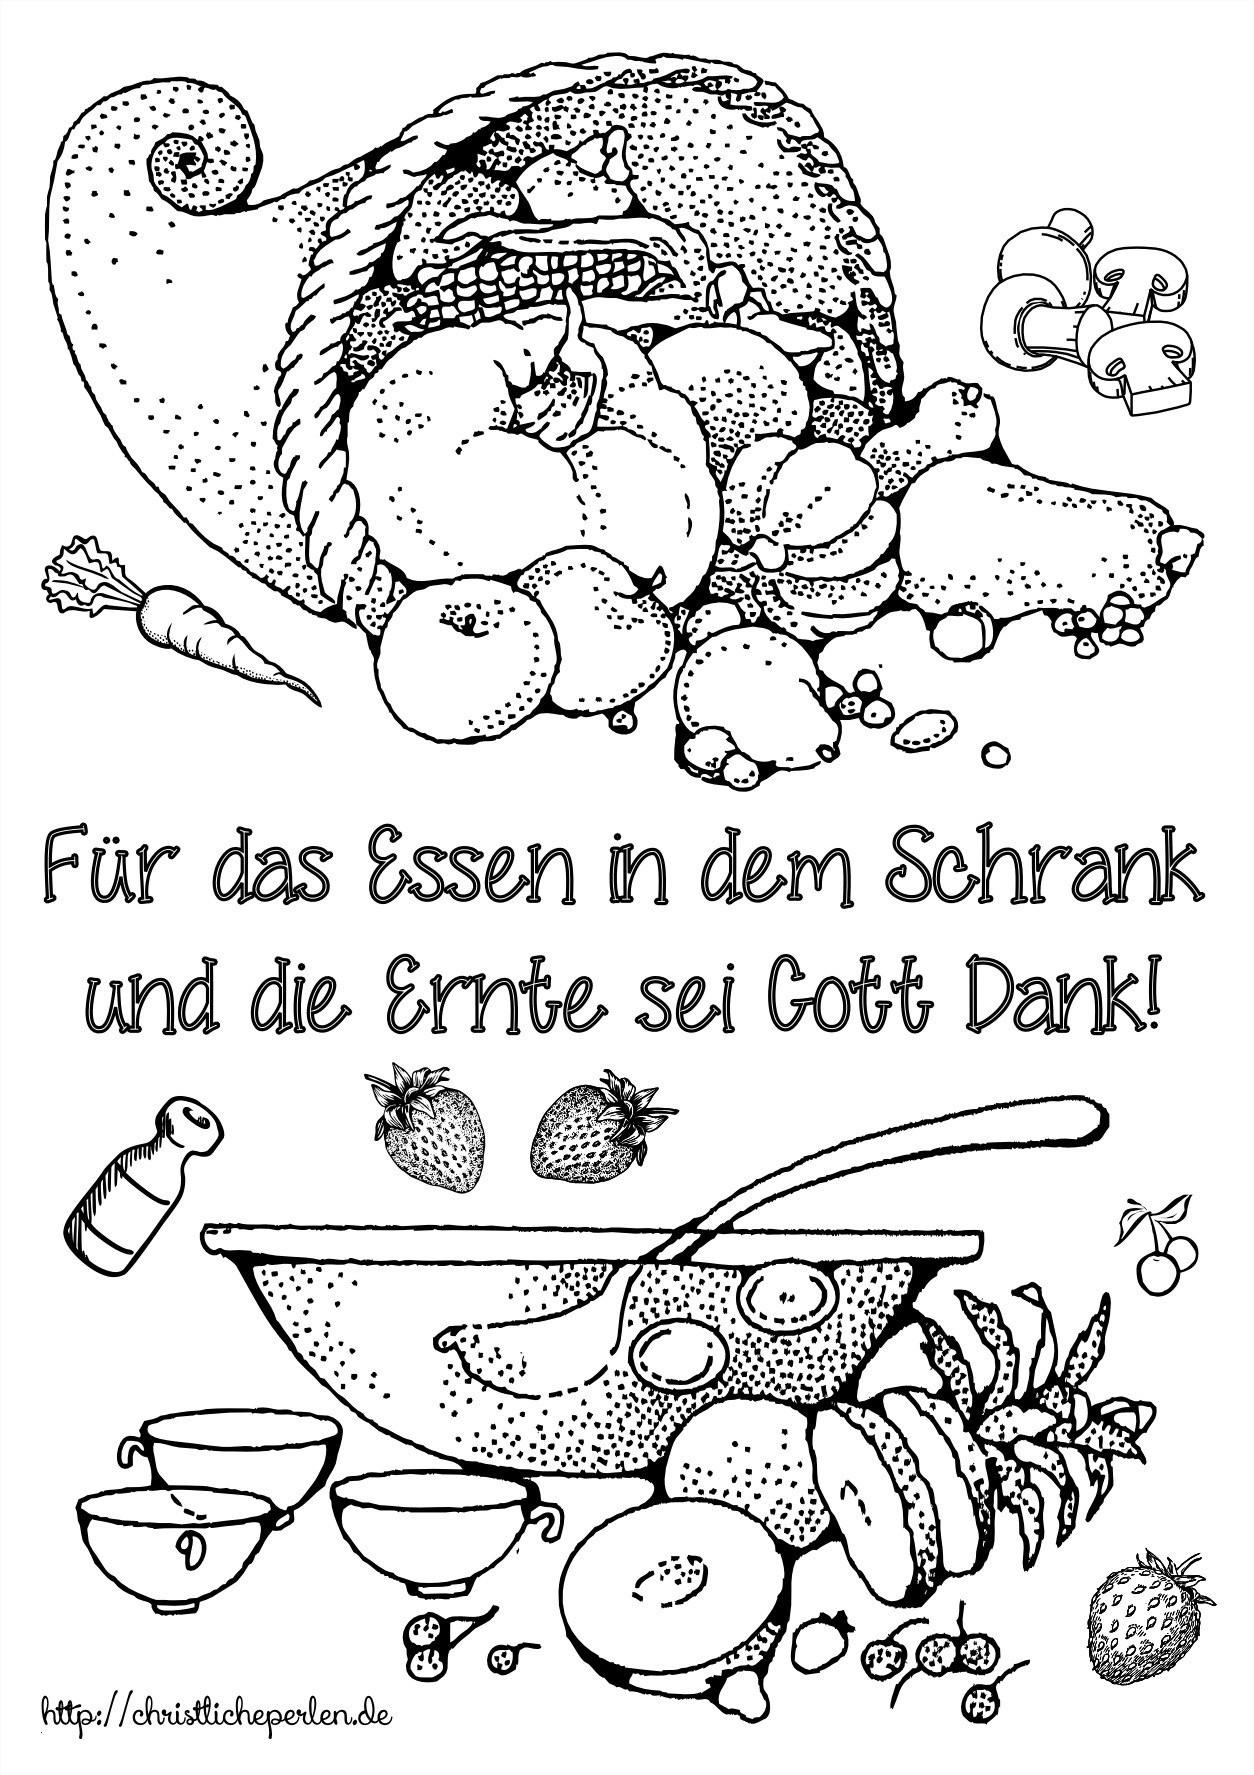 Herzen Zum Ausdrucken Neu Malvorlagen Igel Frisch Igel Grundschule 0d Archives Uploadertalk Bild